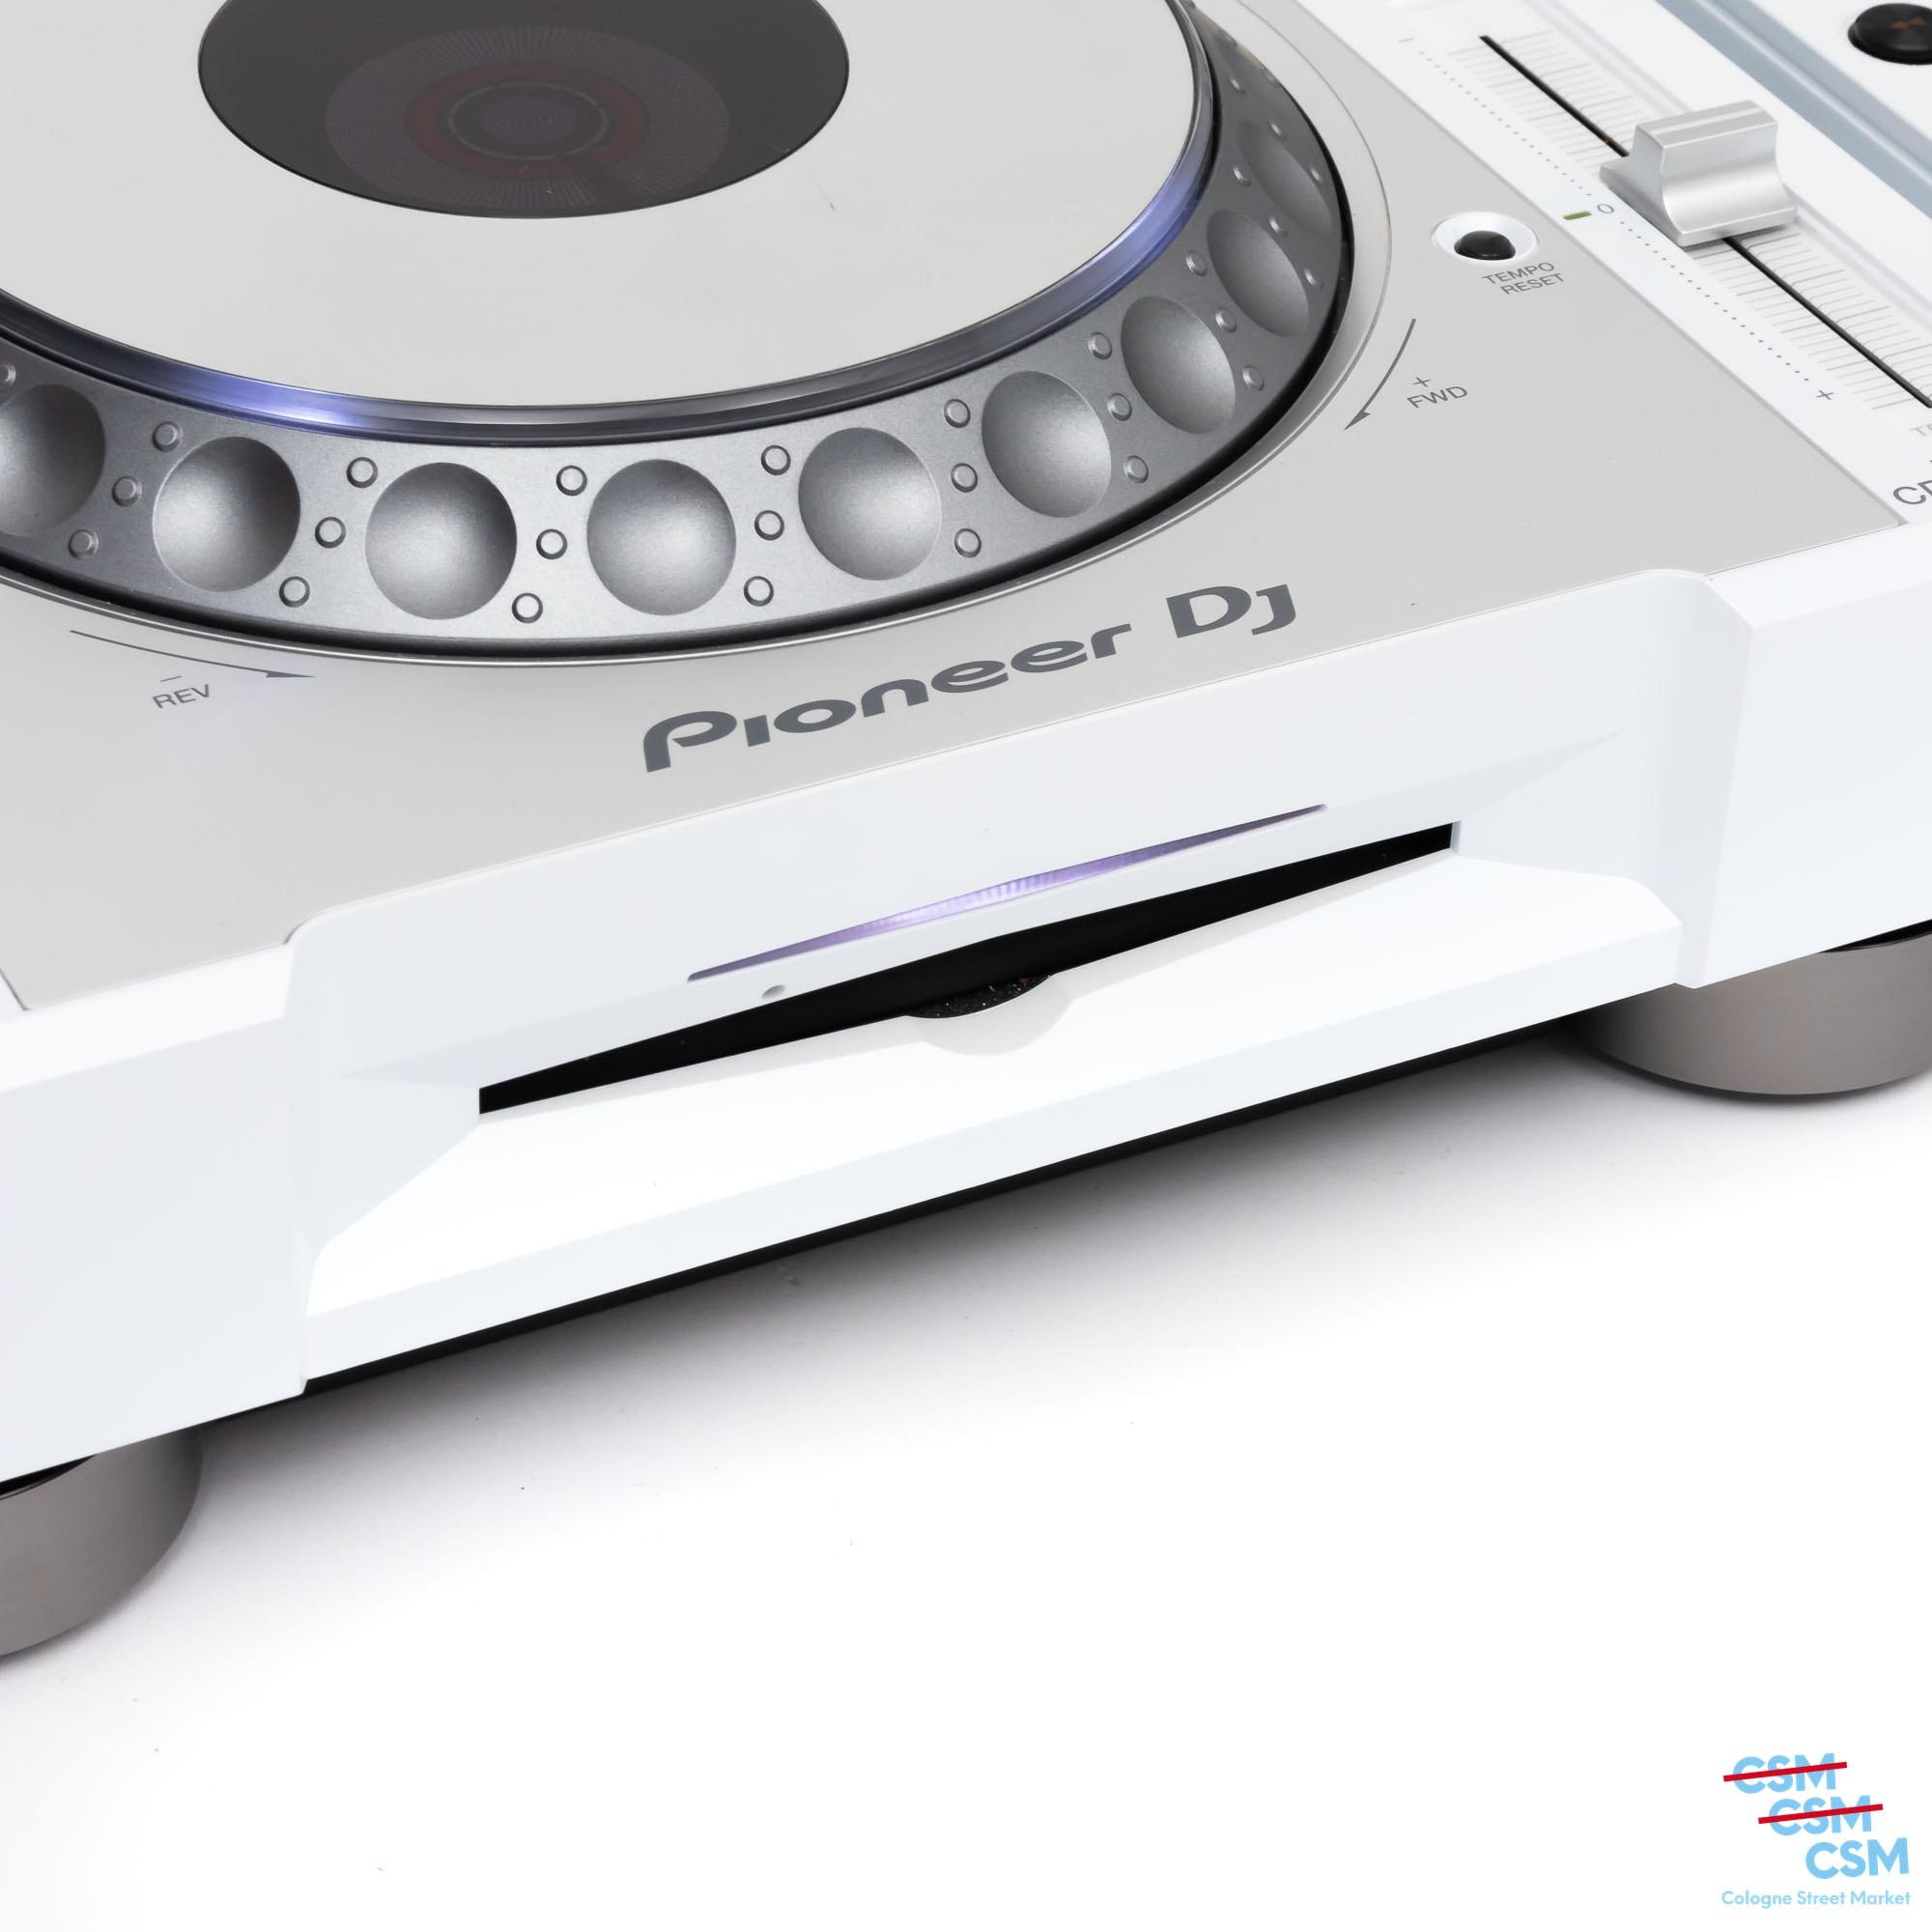 2er-Paket-Pioneer-DJ-CDJ-2000-NXS-Limited-White-gebraucht-9